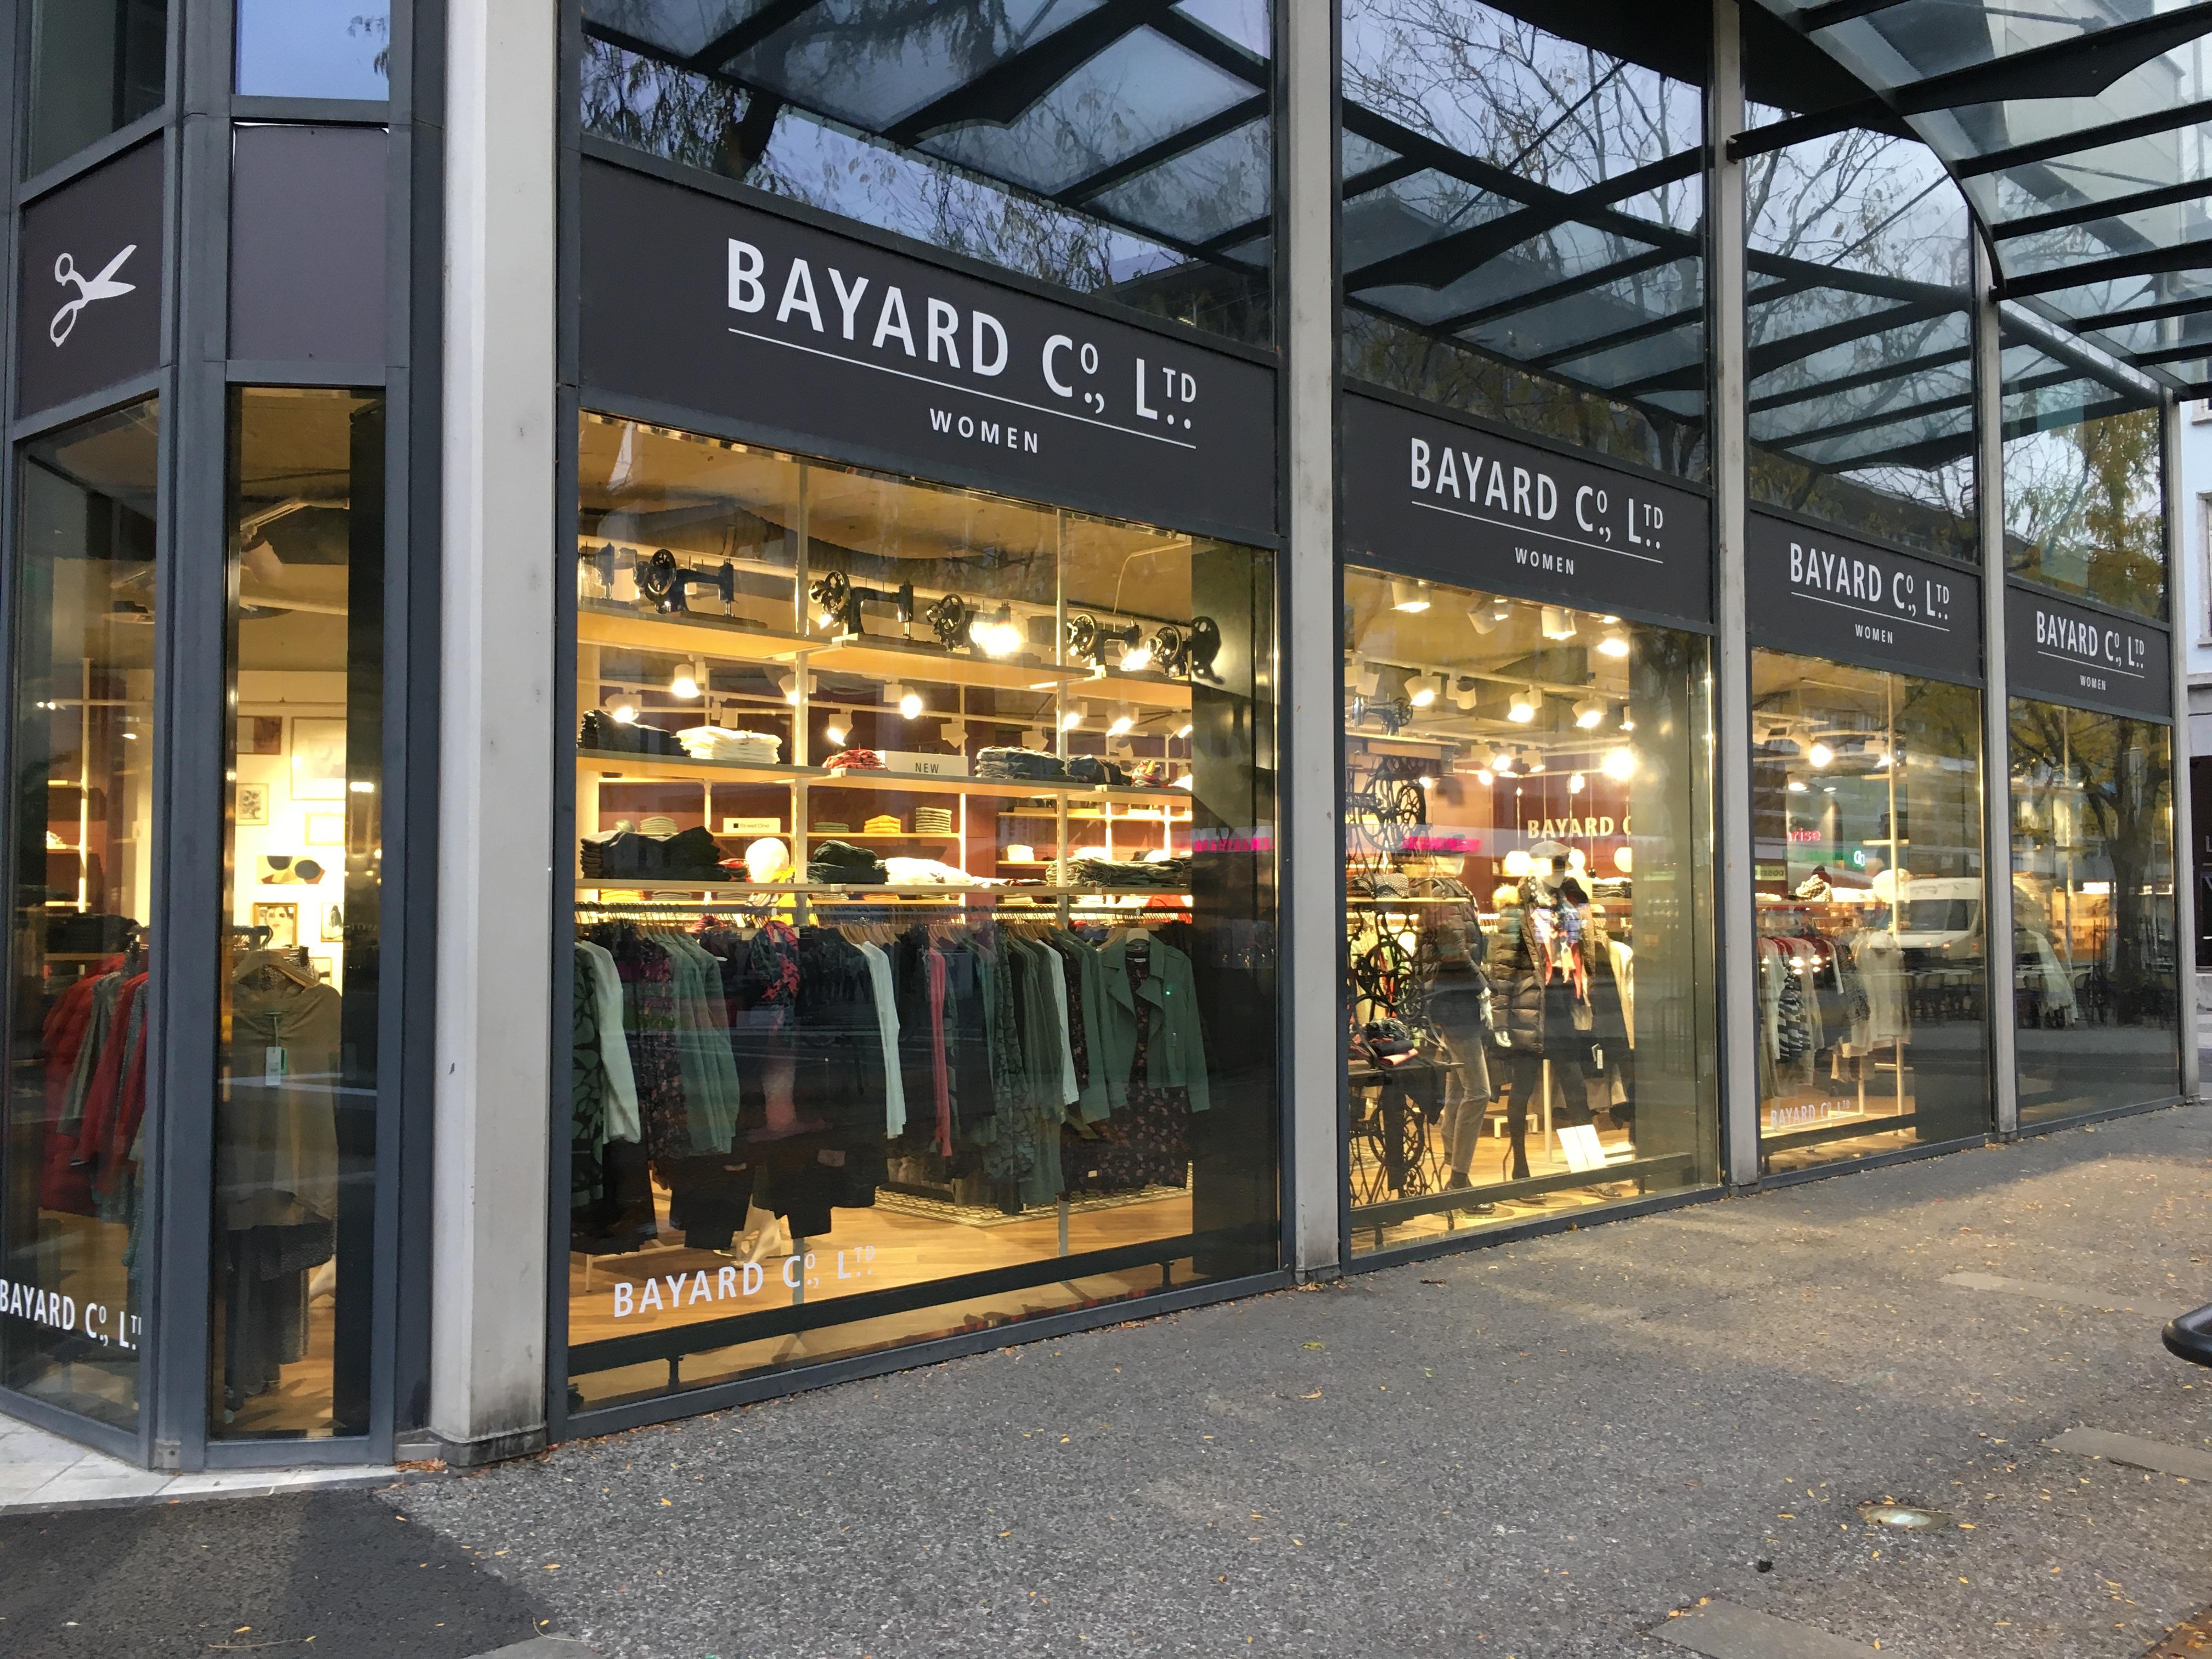 BAYARD CO LTD WOMEN